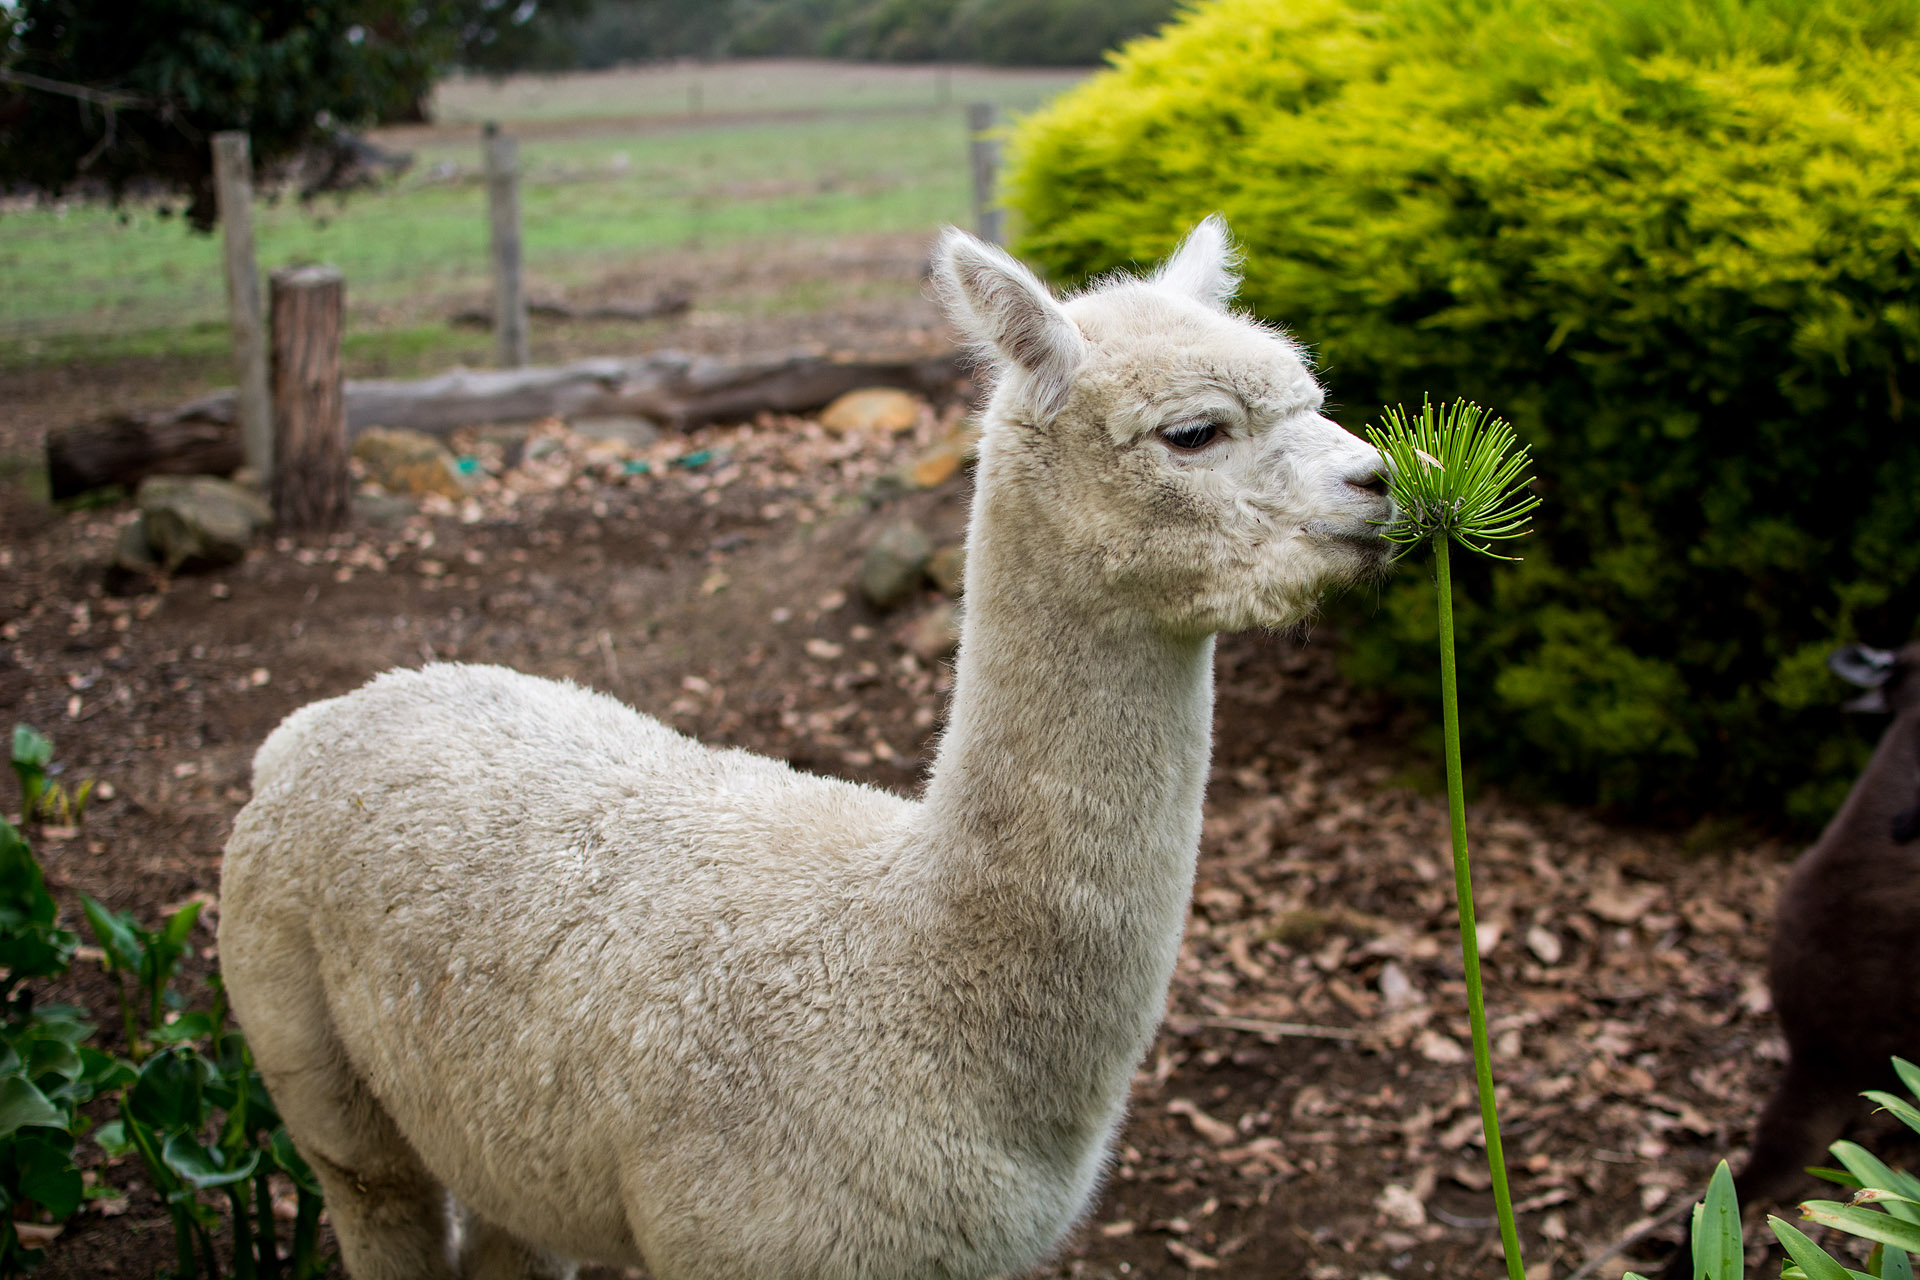 Ollie the alpaca